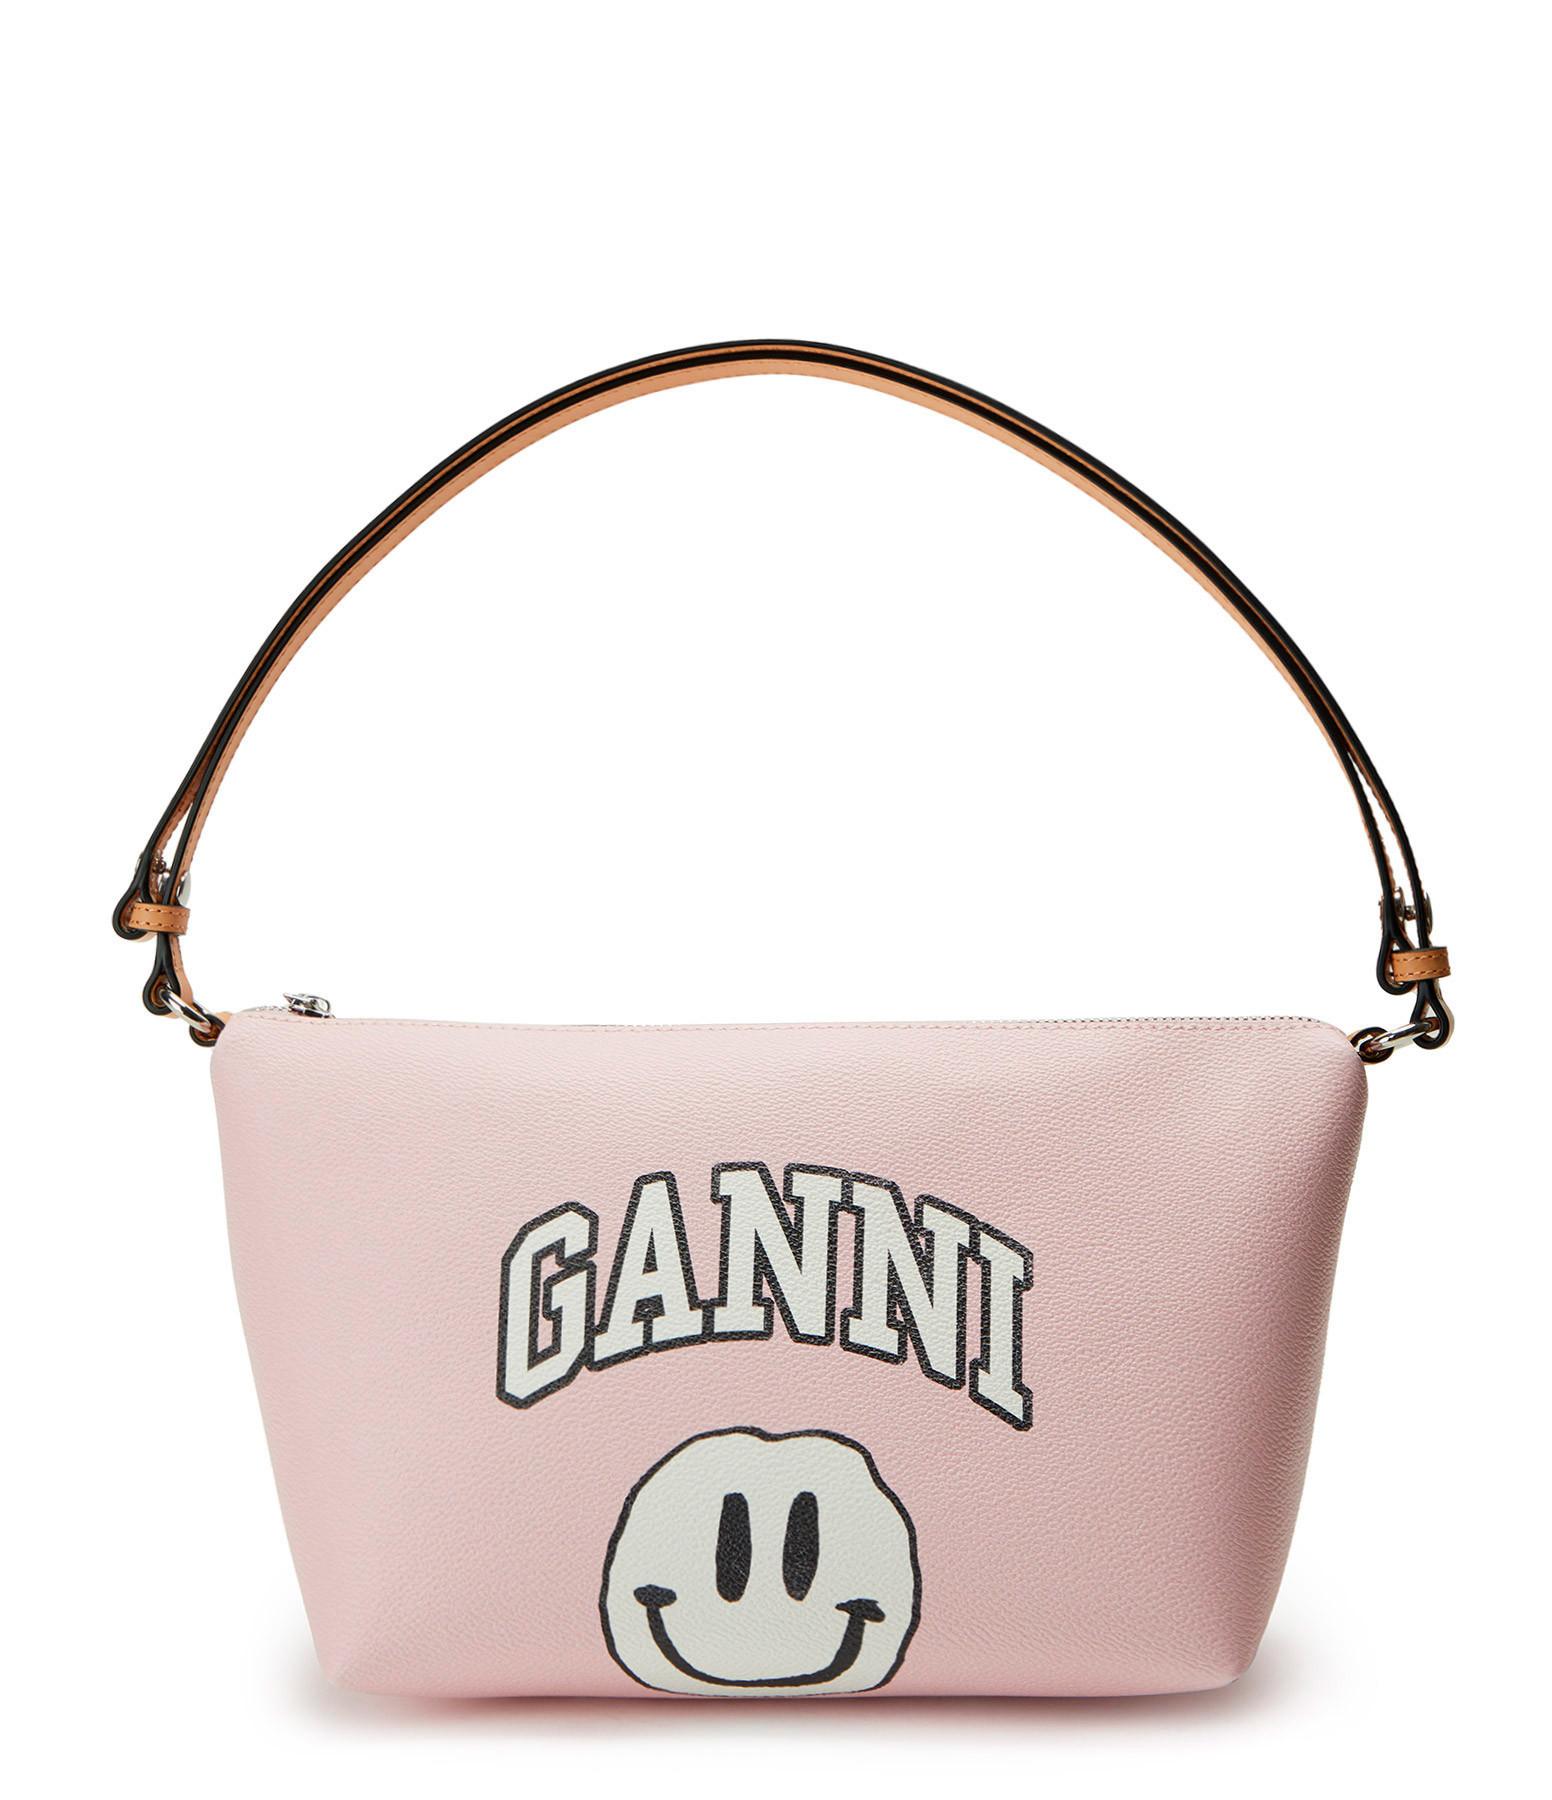 GANNI - Sac Ganni Rose Pâle